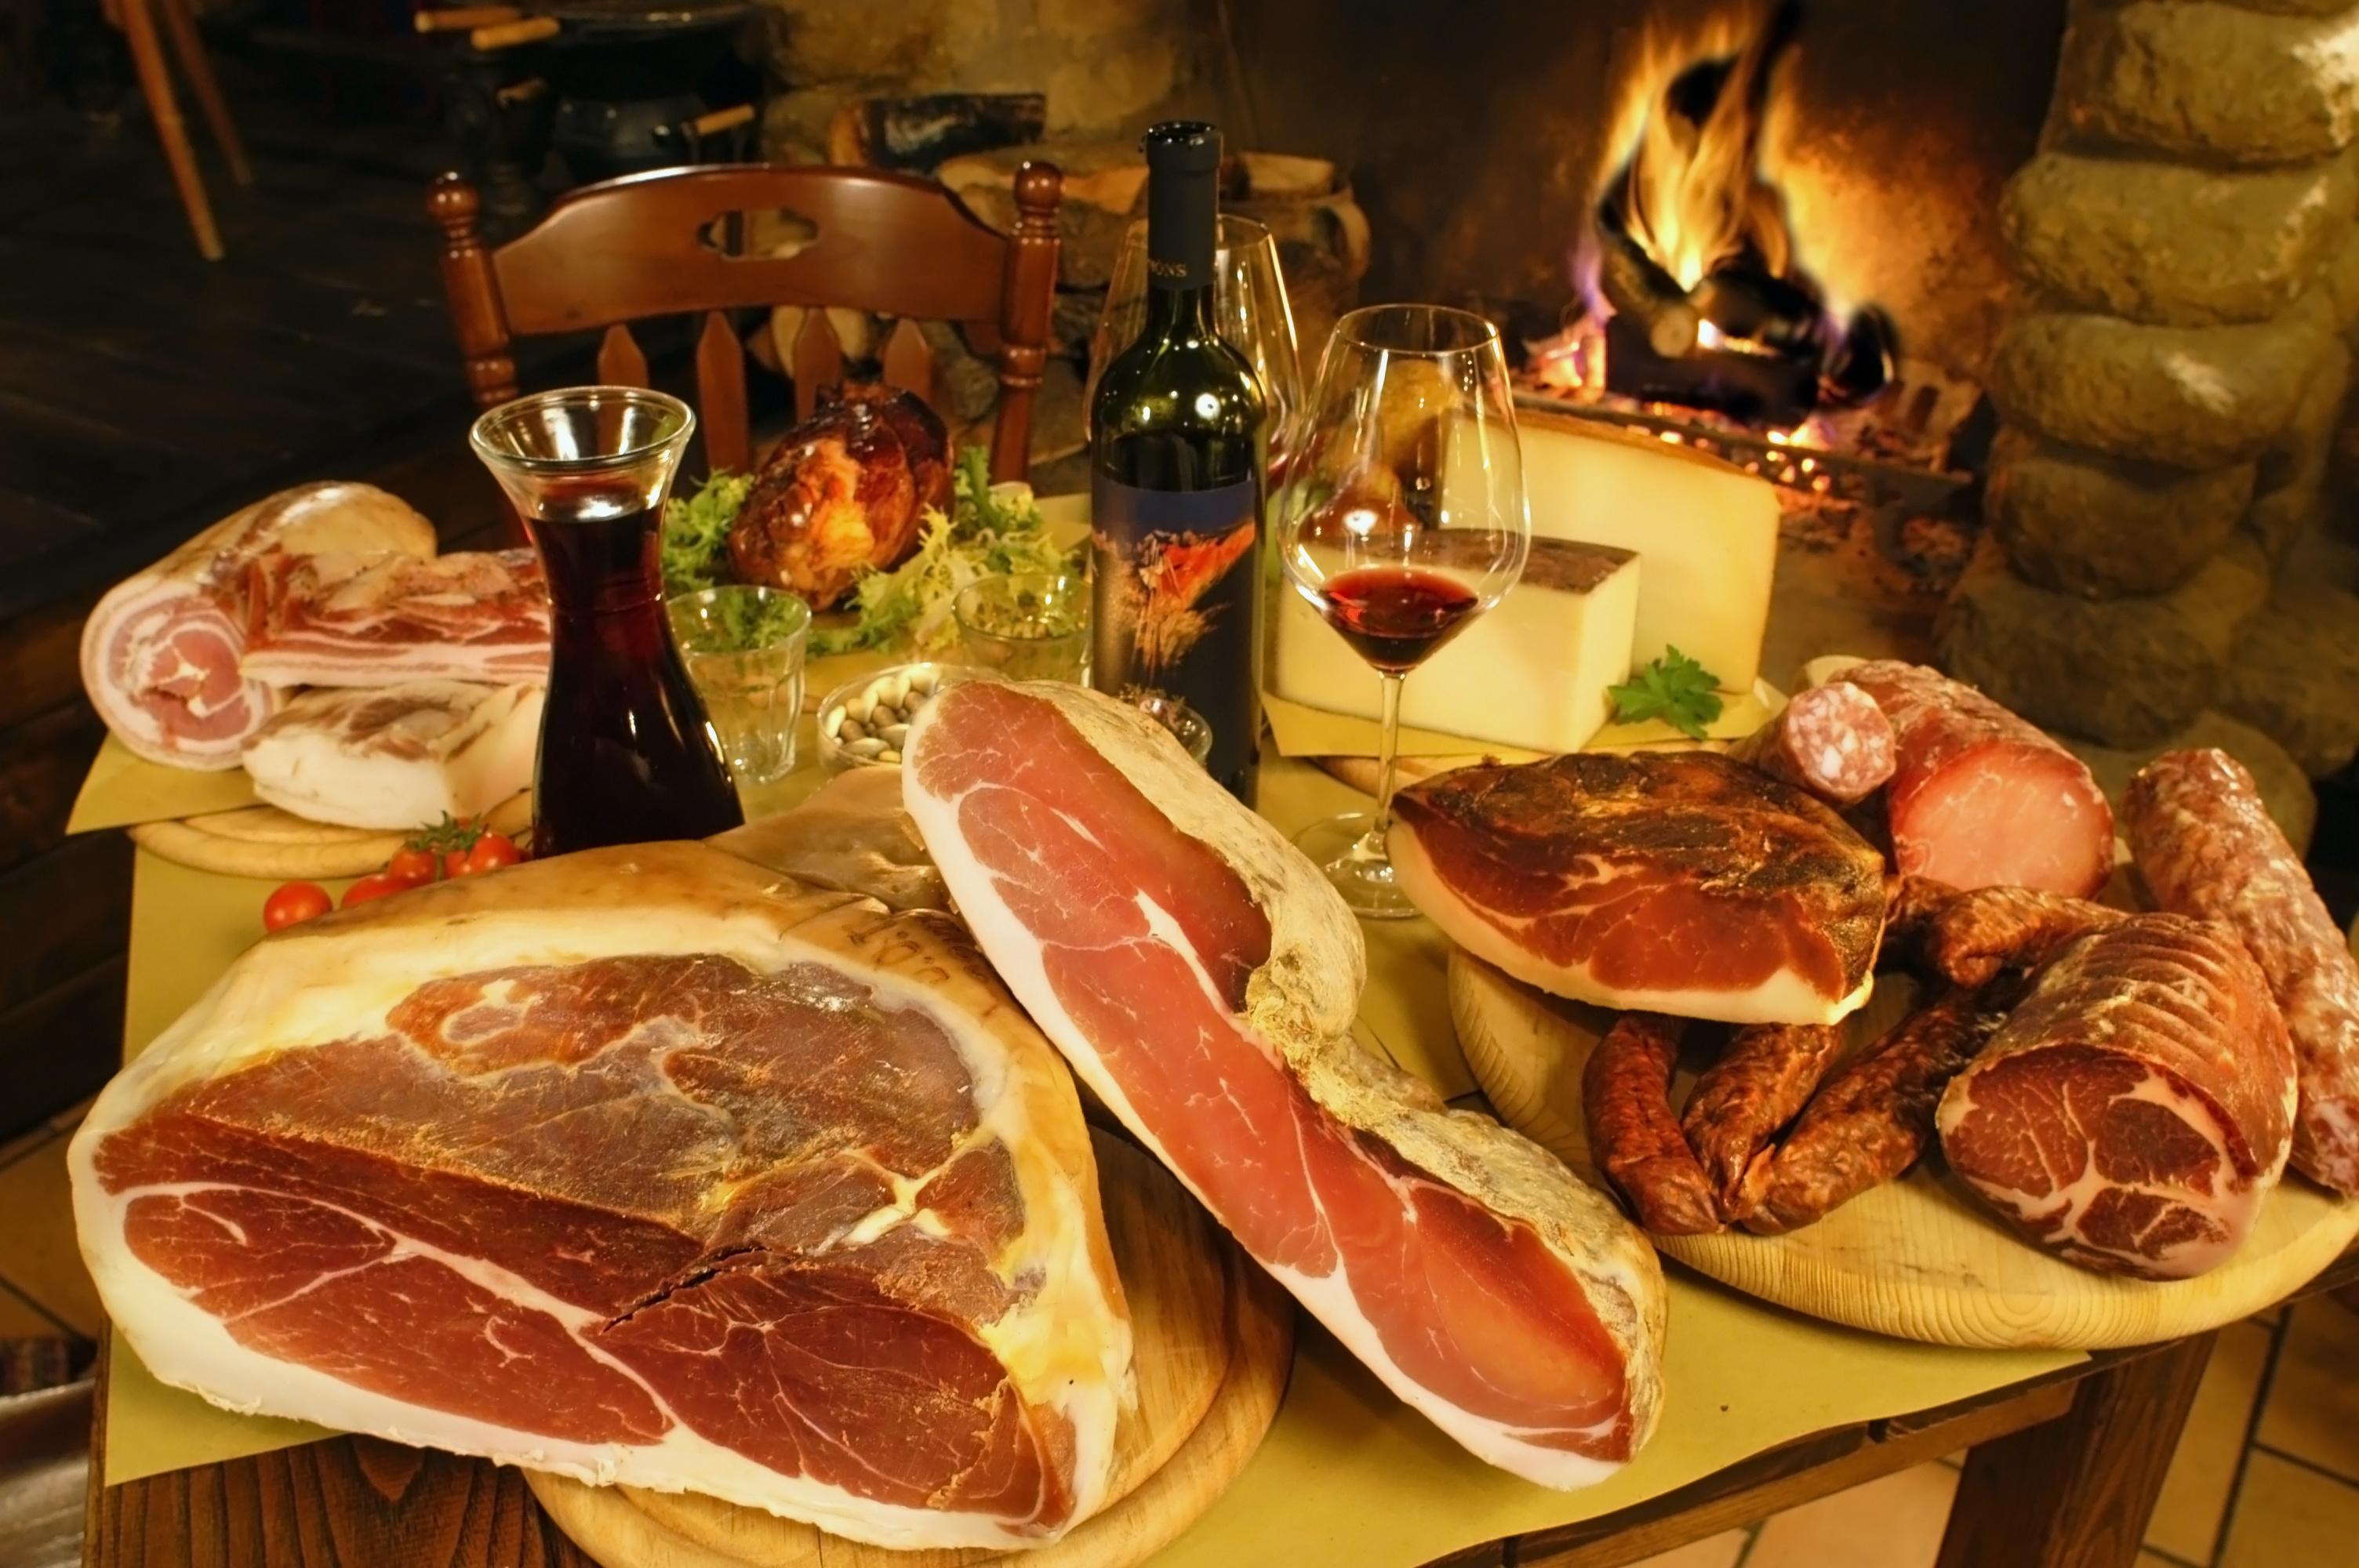 Nasce Neeach, il social network per appassionati di cibo